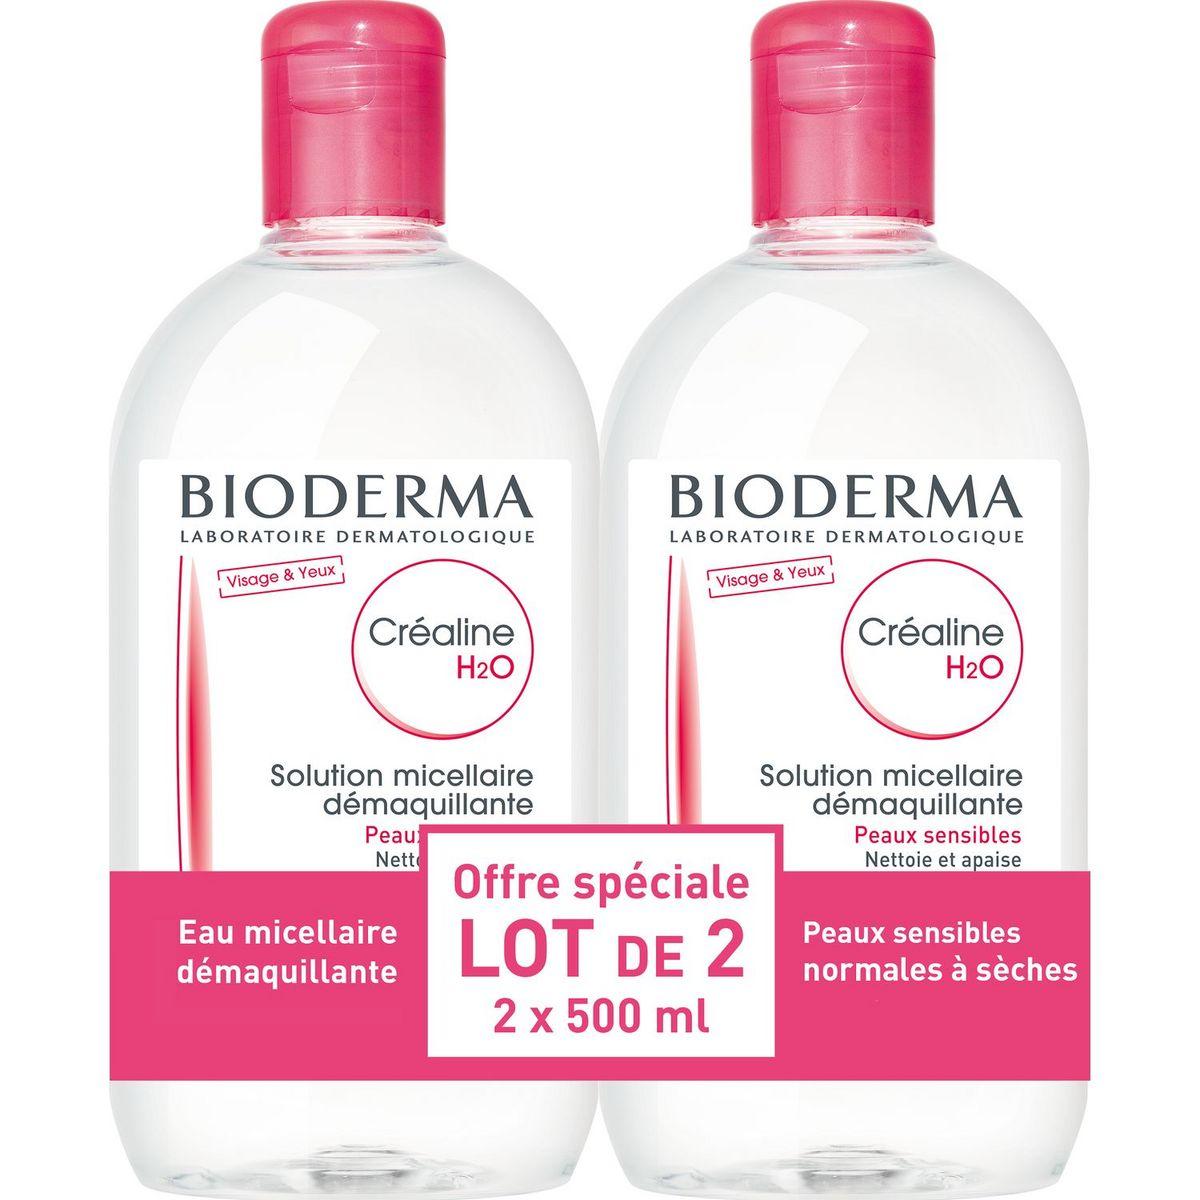 Bioderma Créaline h2o solution micellaire peaux très sèches 2x500ml